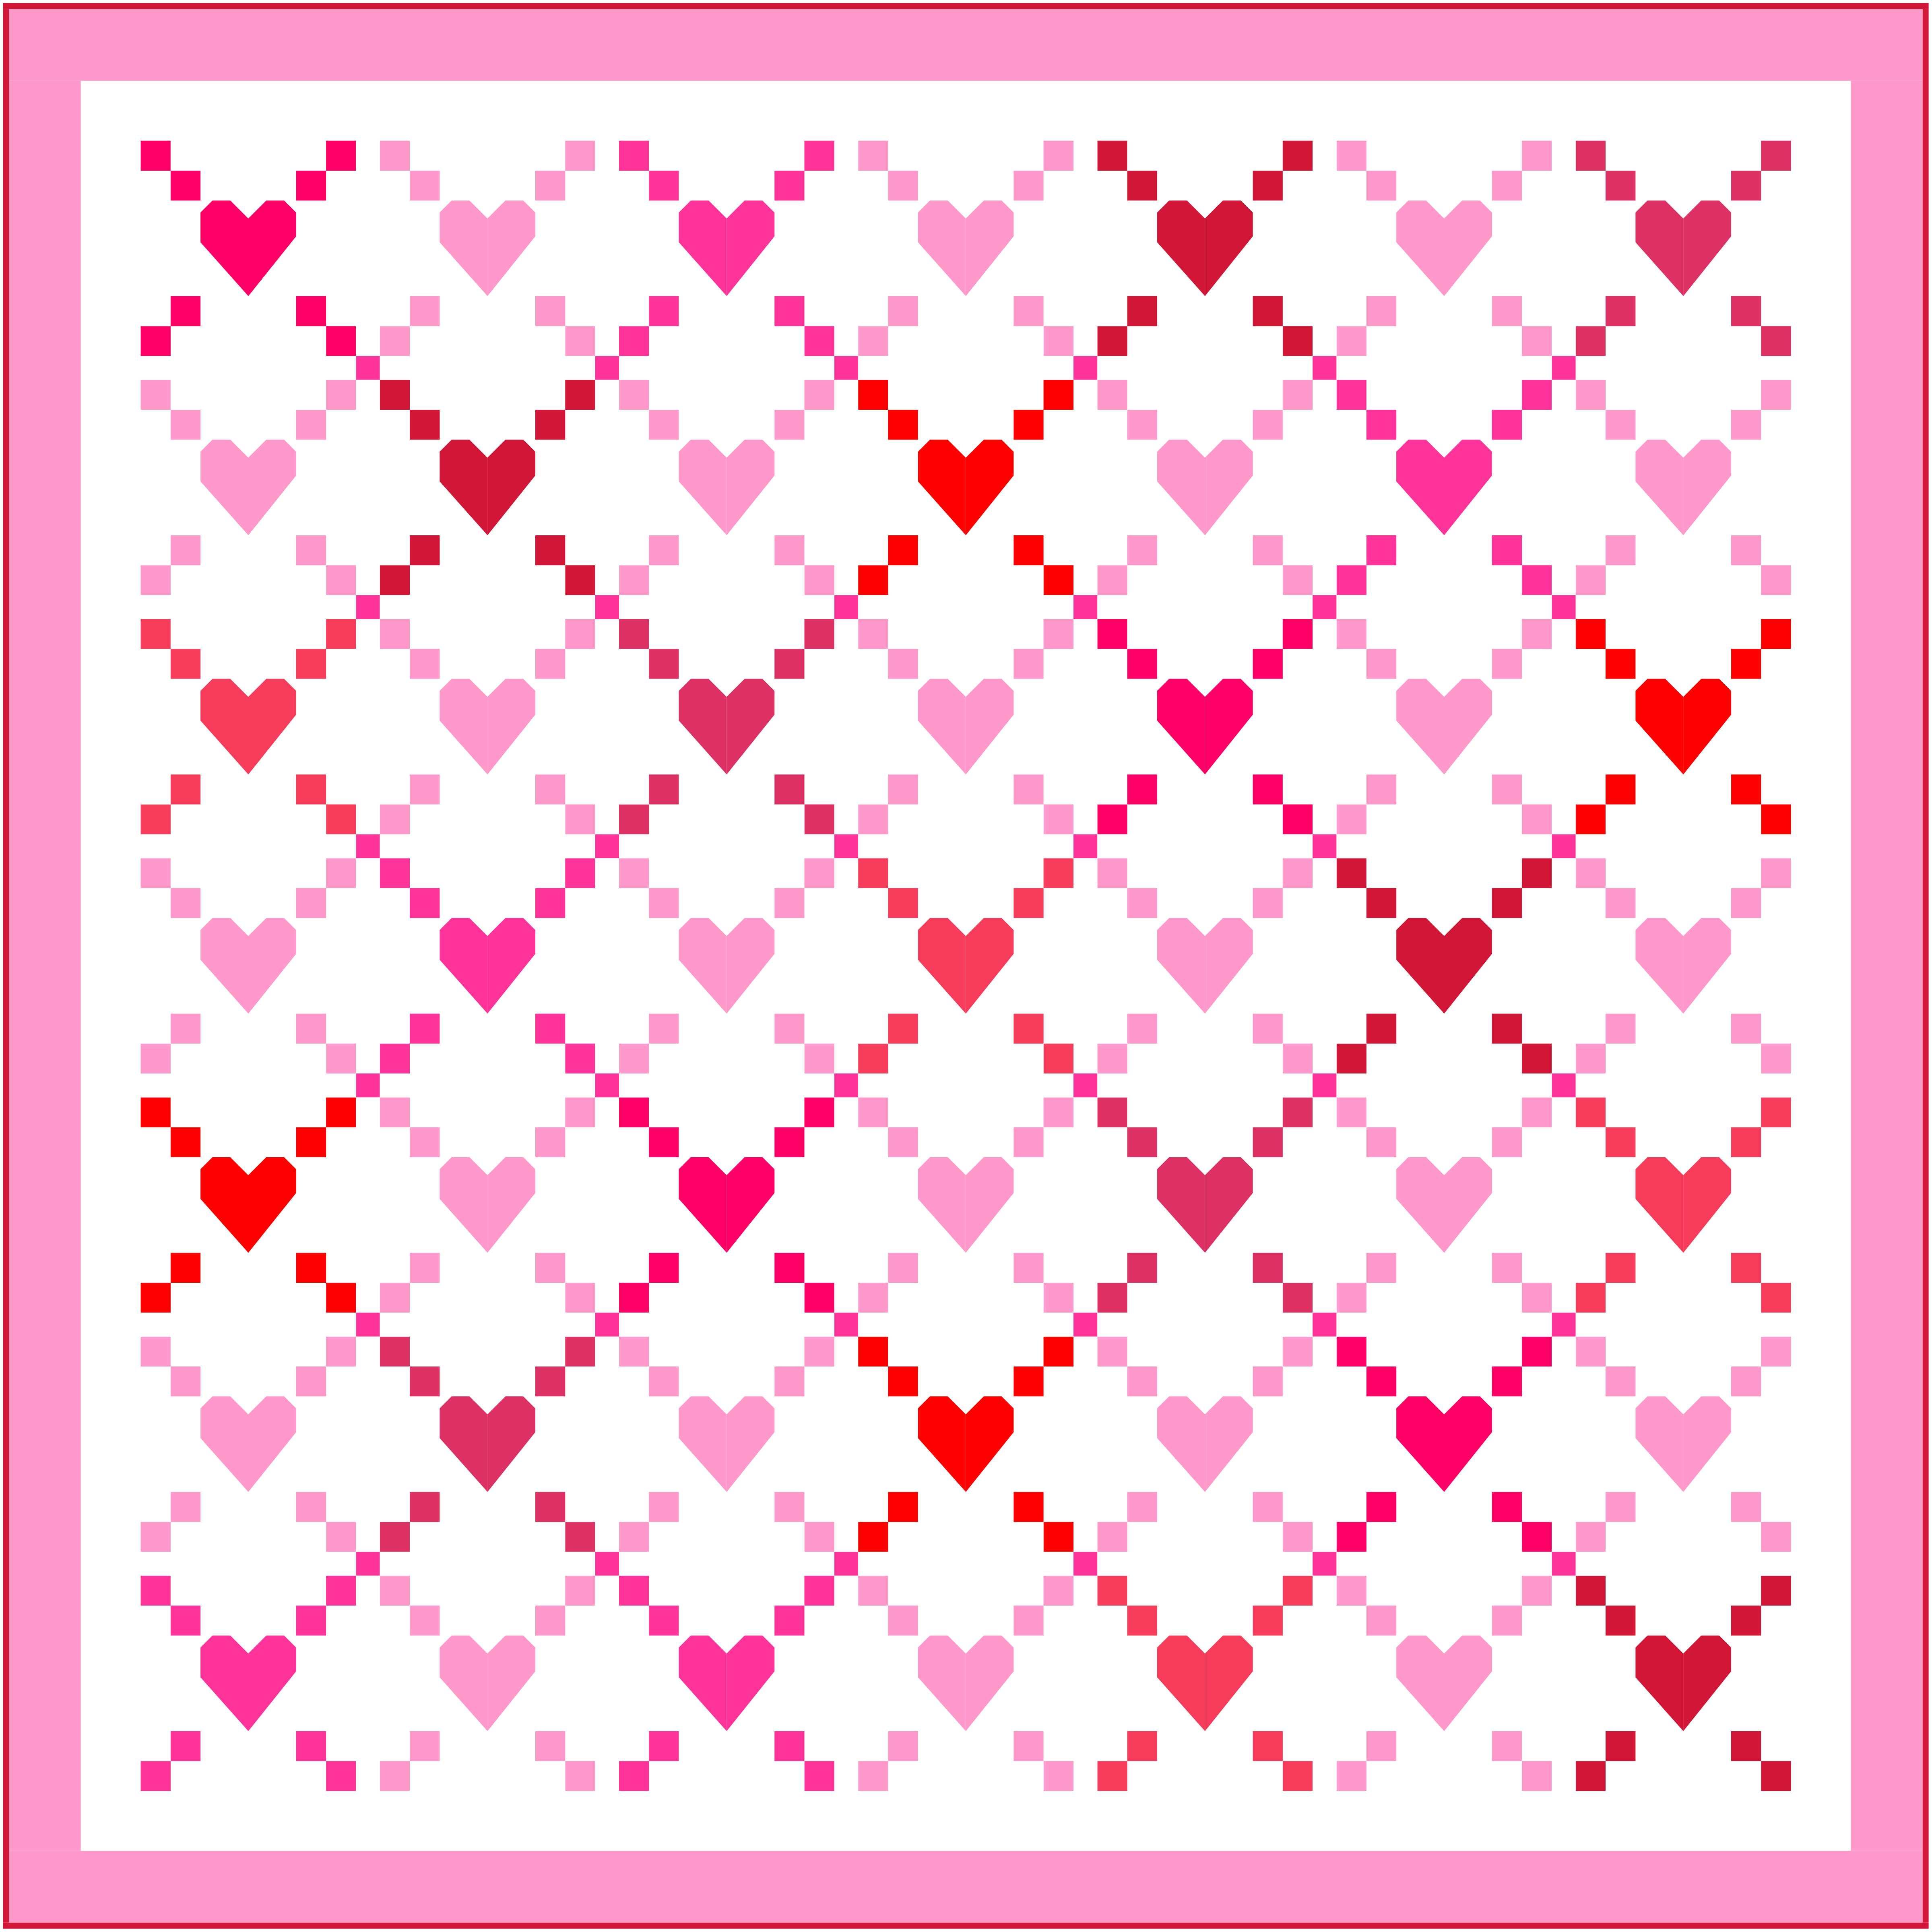 Heart Quilt3